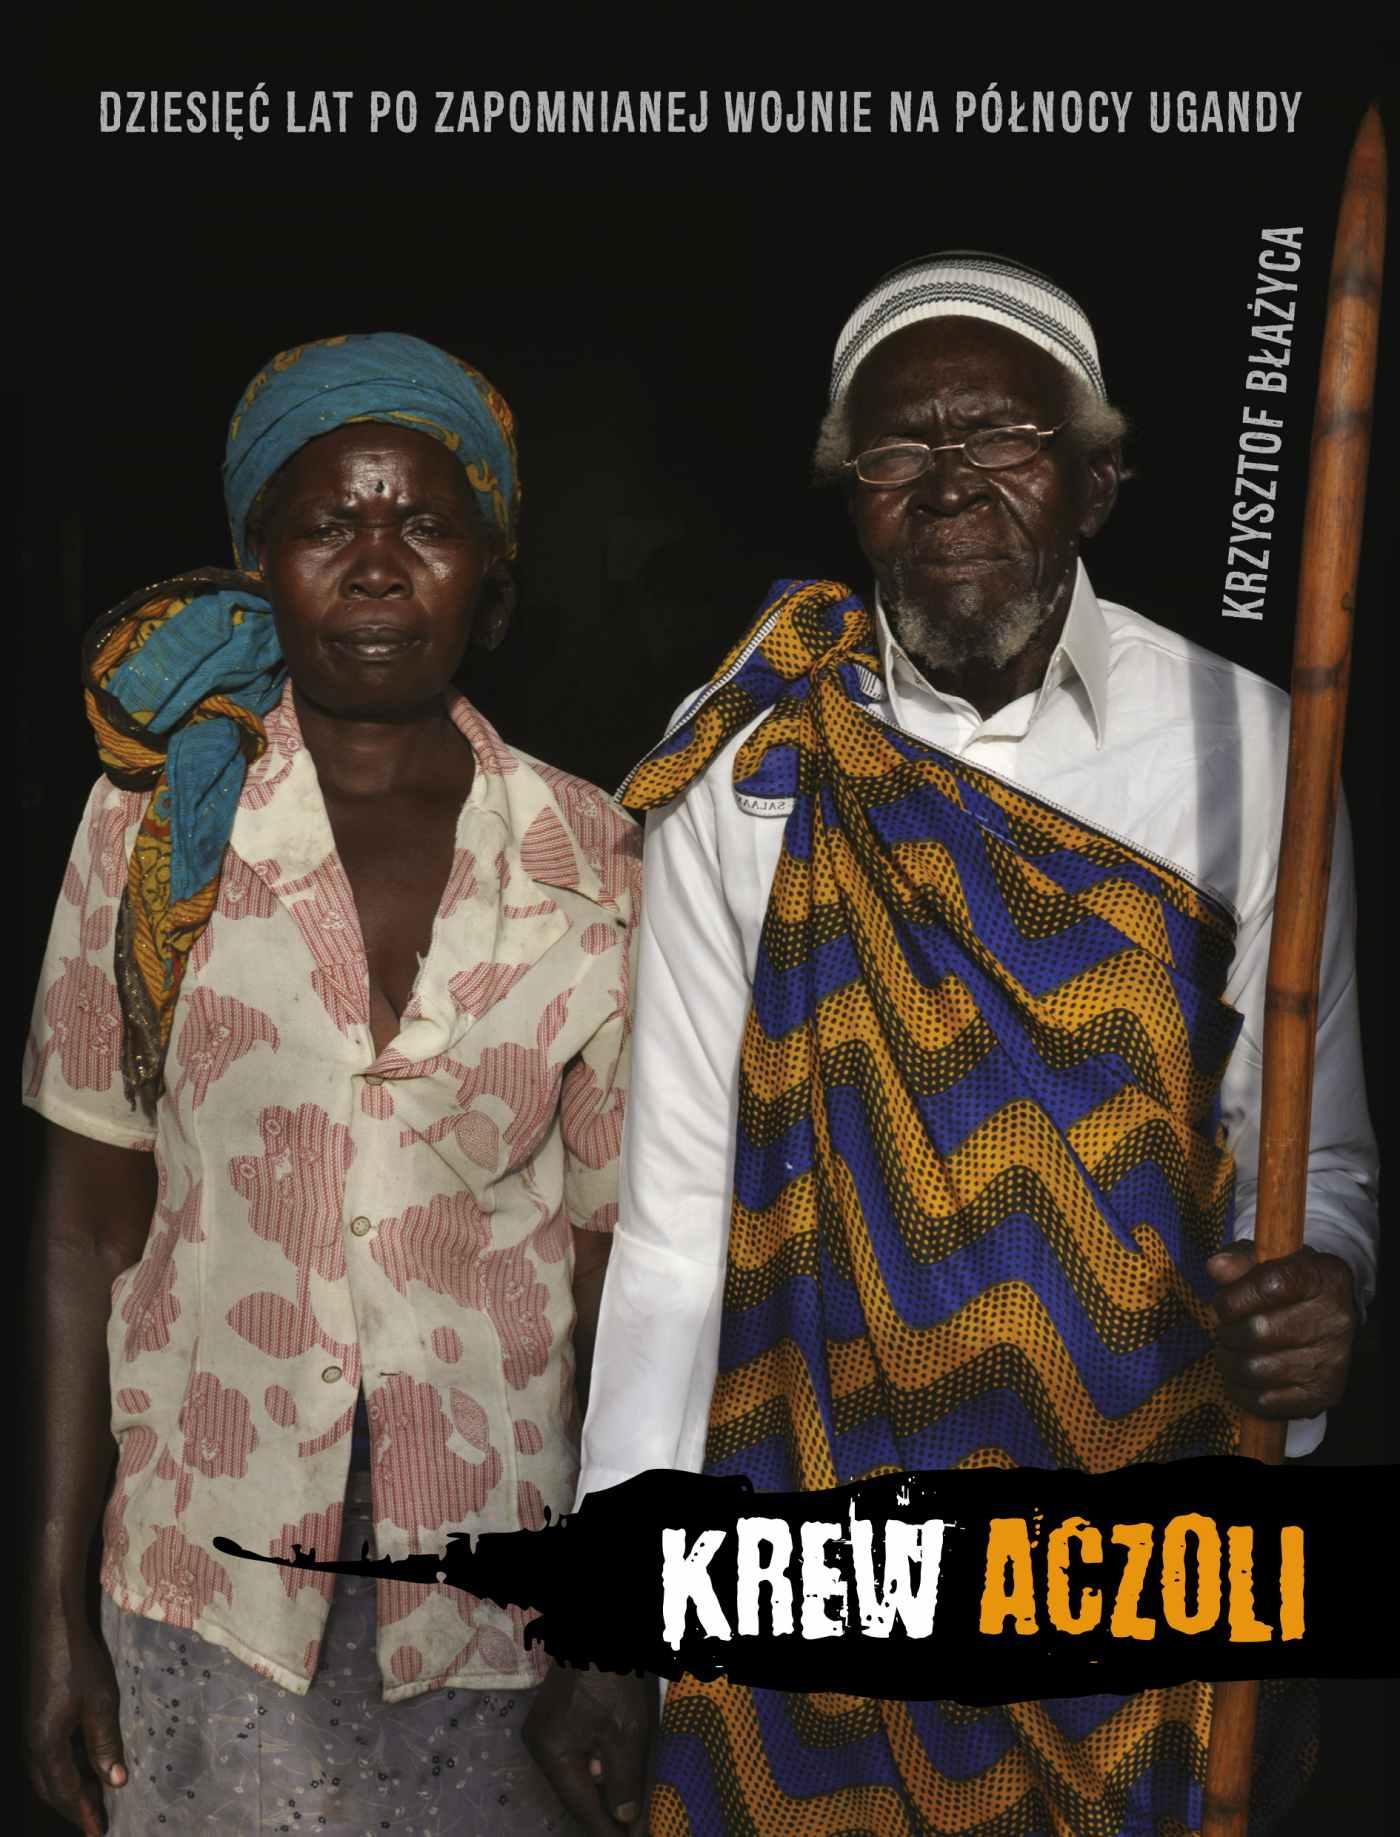 Krew Aczoli. Dziesięć lat po zapomnianej wojnie na północy Ugandy - Ebook (Książka na Kindle) do pobrania w formacie MOBI